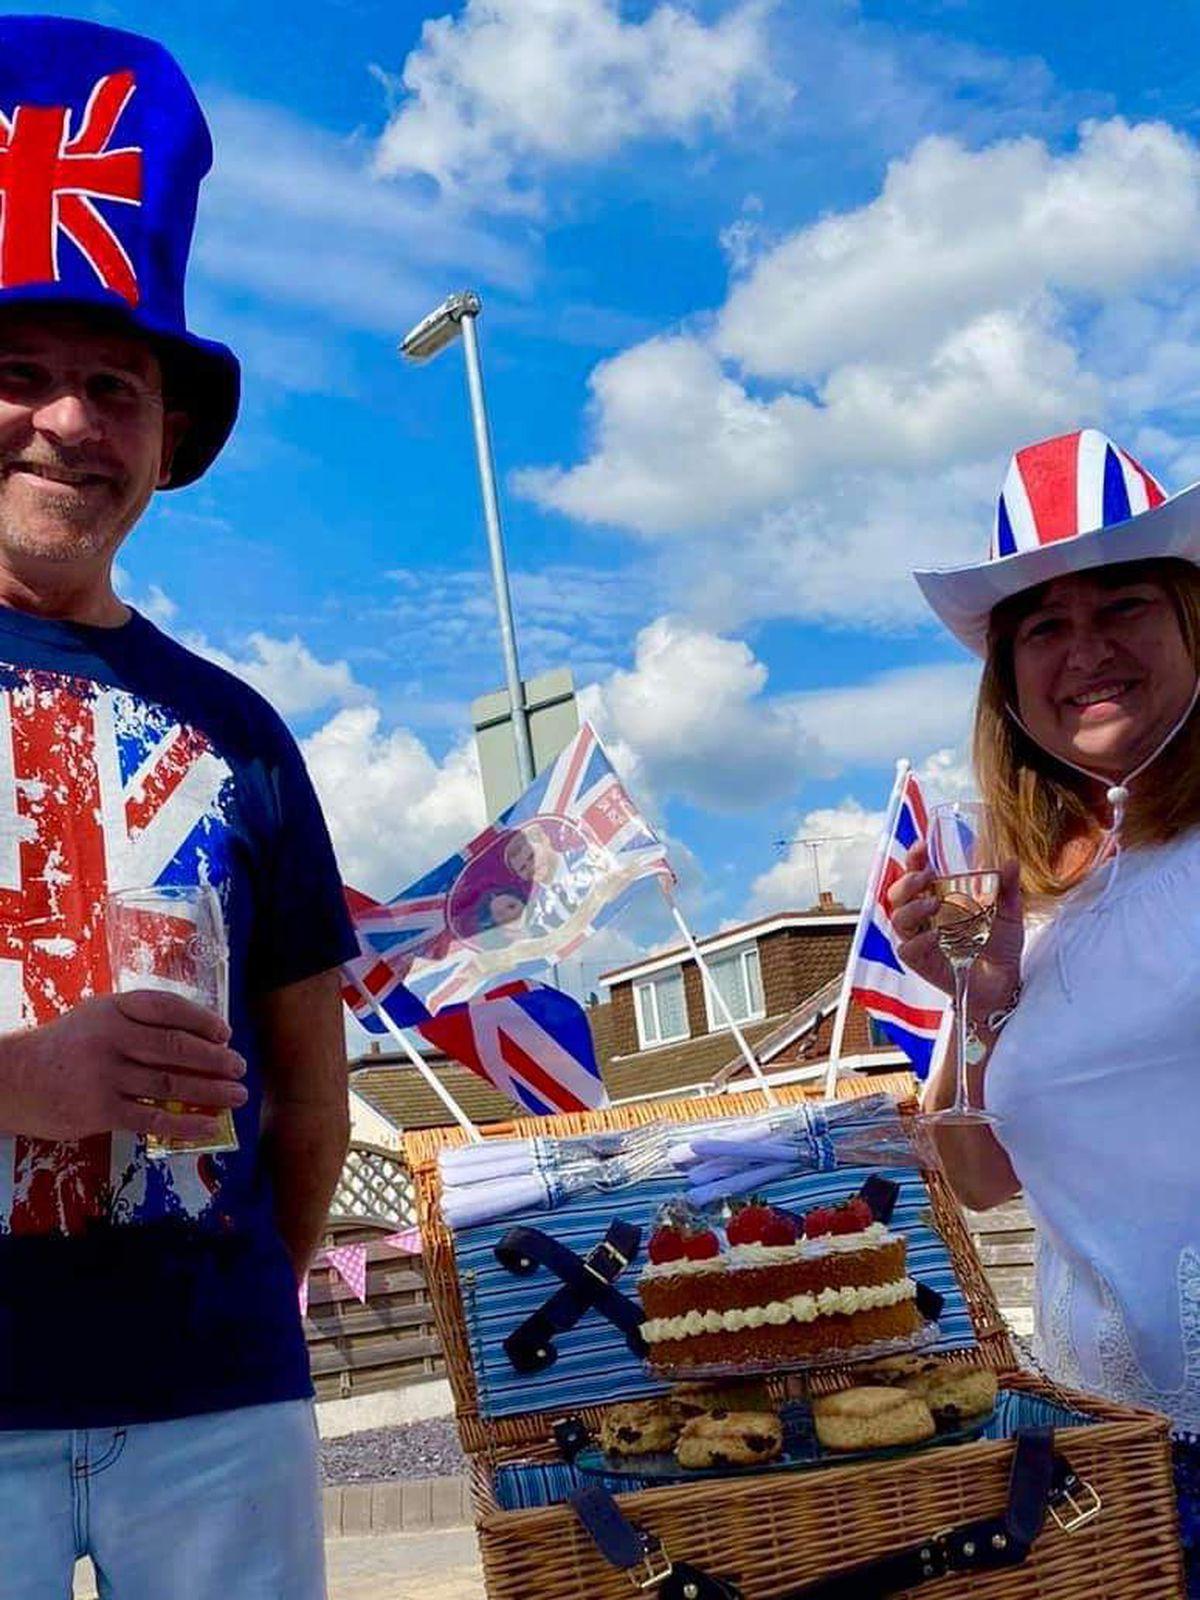 Celebrations in Hut Hill Lane, Great Wyrley